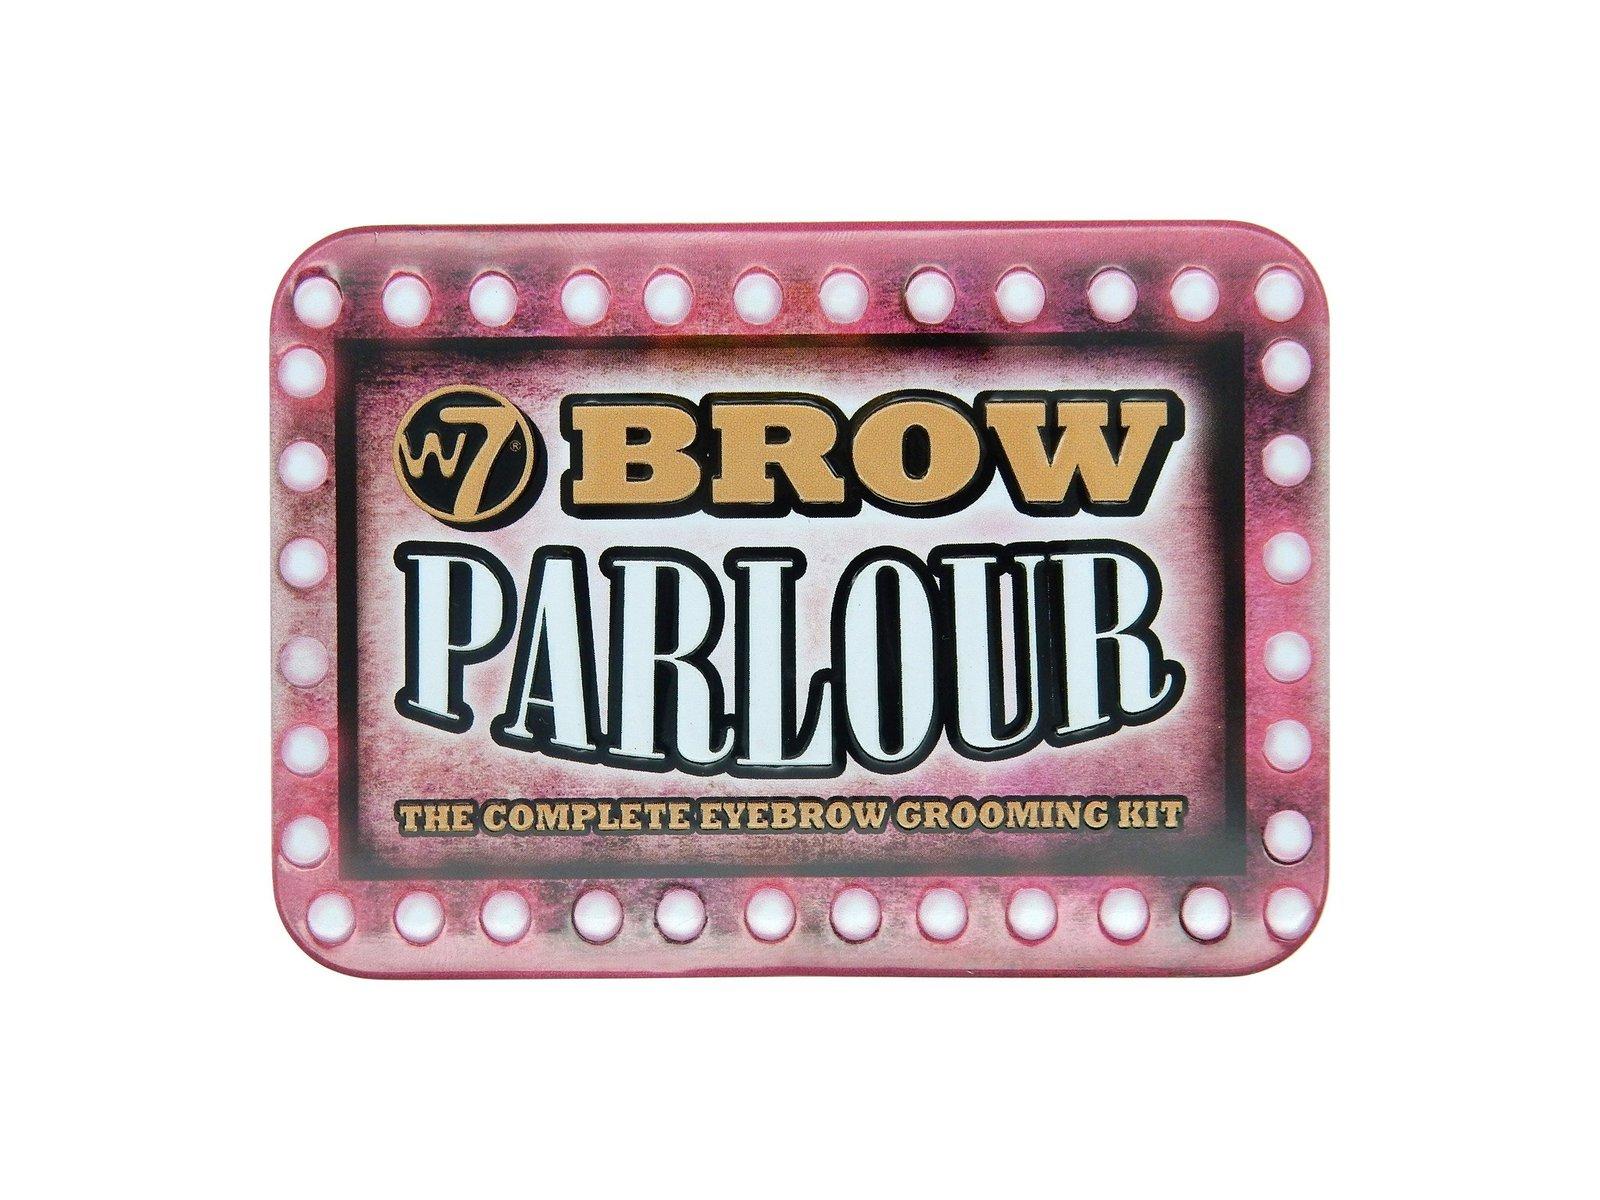 W7 Brow Parlour image